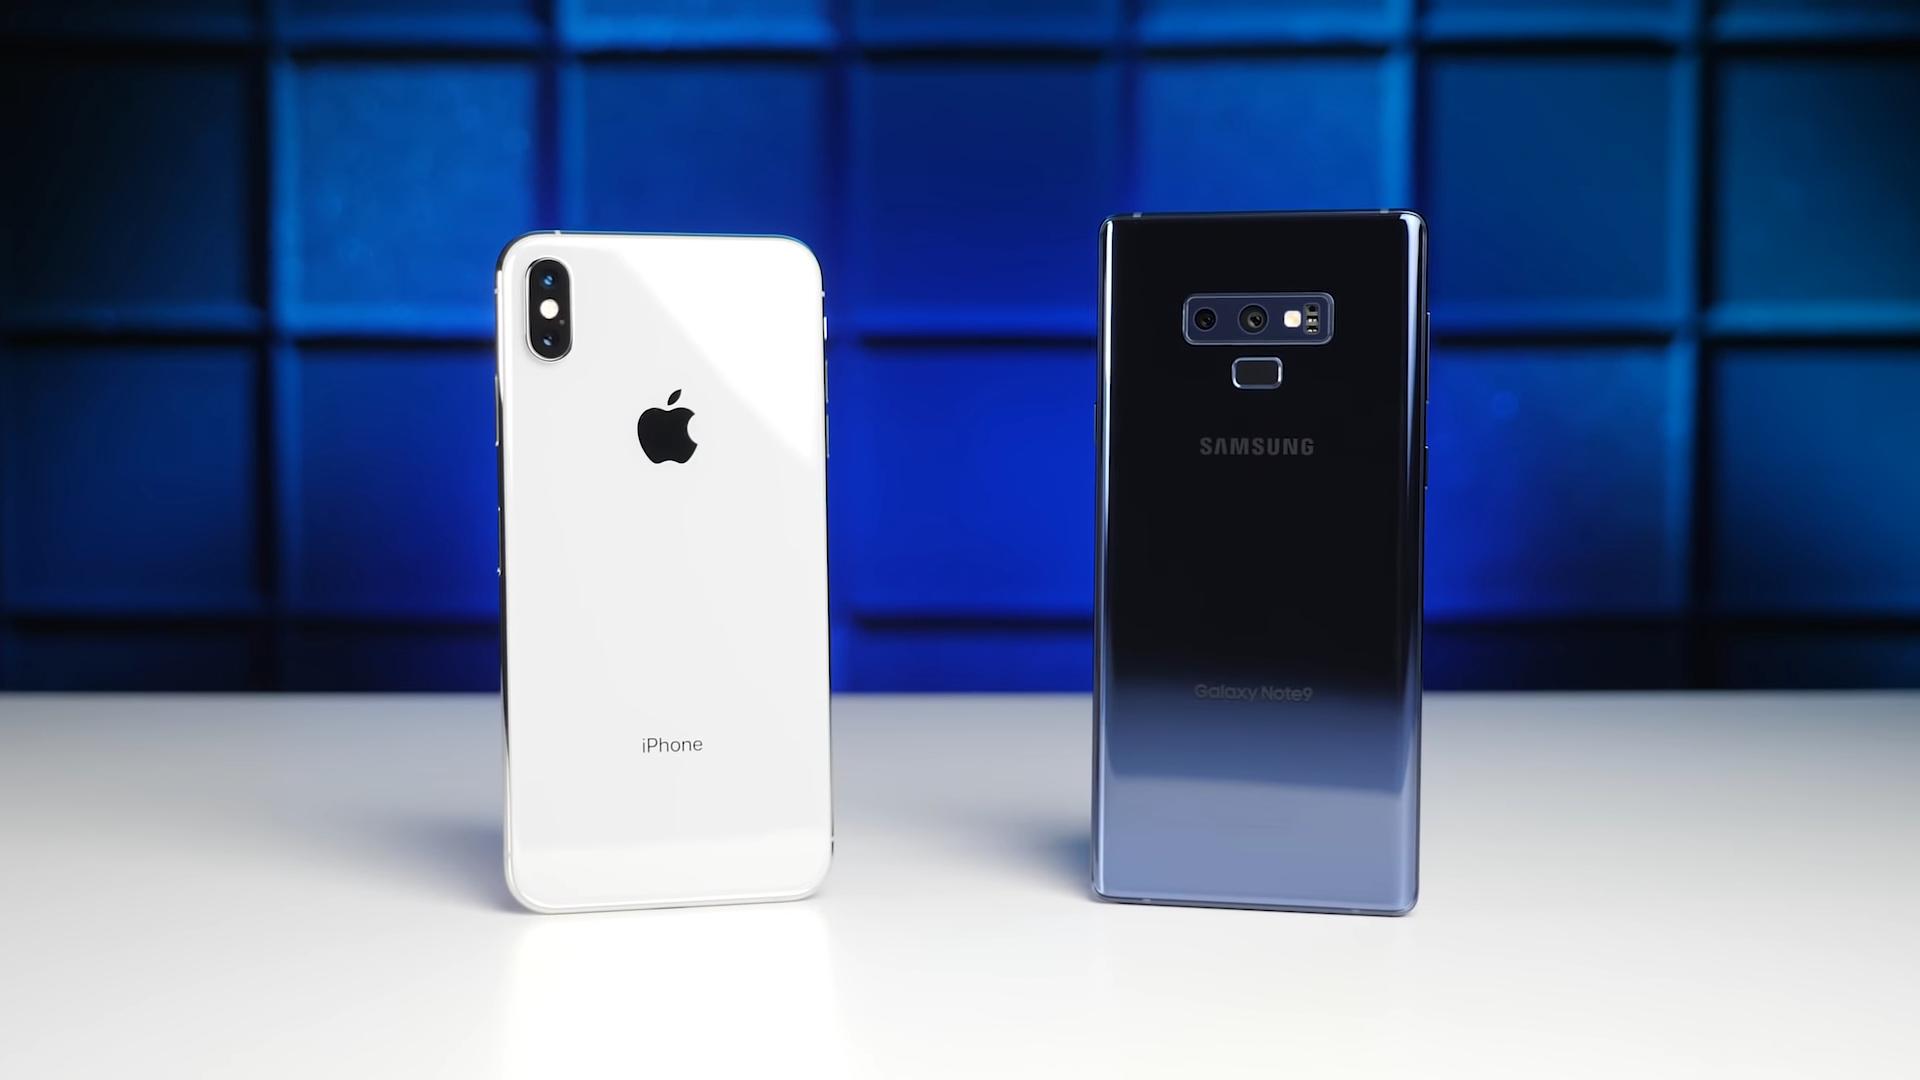 So sánh thời lượng pin iPhone XS Max với Galaxy Note 9: Liệu iPhone XS Max có chiến thắng được viên pin 4000mAh trên Note 9